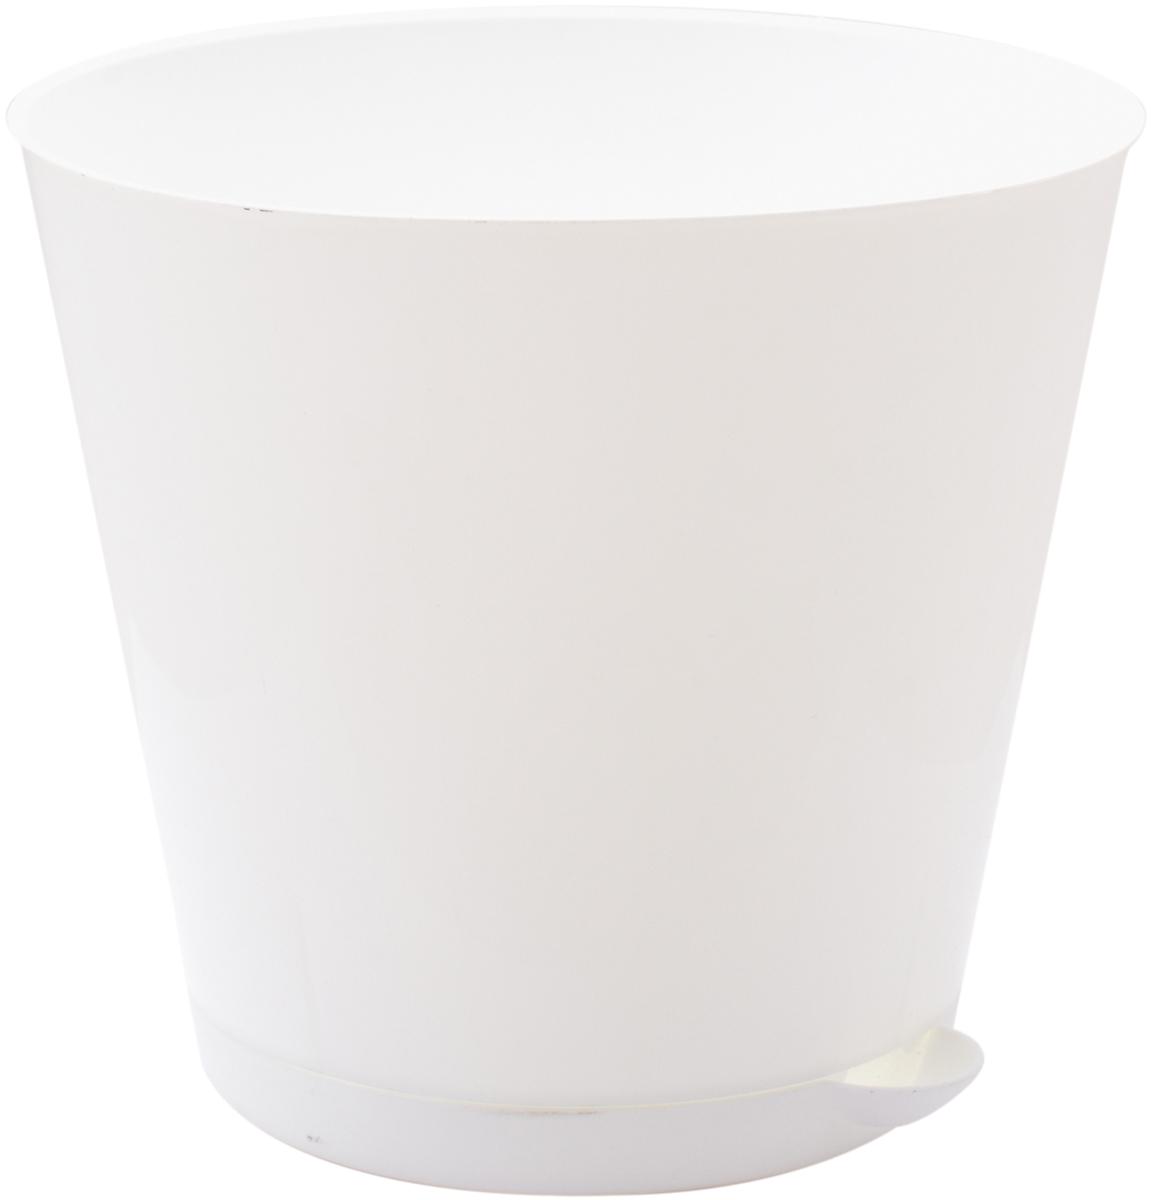 Горшок для цветов InGreen Крит, с системой прикорневого полива, цвет: белый, диаметр 20 смING46020БЛ-12РSЦветочный горшок «Крит» - это поиск нового, в основе которого лежит целесообразность. Горшок лаконичный и богат яркими цветовыми решениями, отличается функциональностью. Специальная конструкция обеспечивает вентиляцию в корневой системе растения, а дренажная решетка позволяет выходить лишней влаге из почвы. Крепежные отверстия и штыри прочно крепят подставку к горшку. Прикорневой полив растения осуществляется через удобный носик.